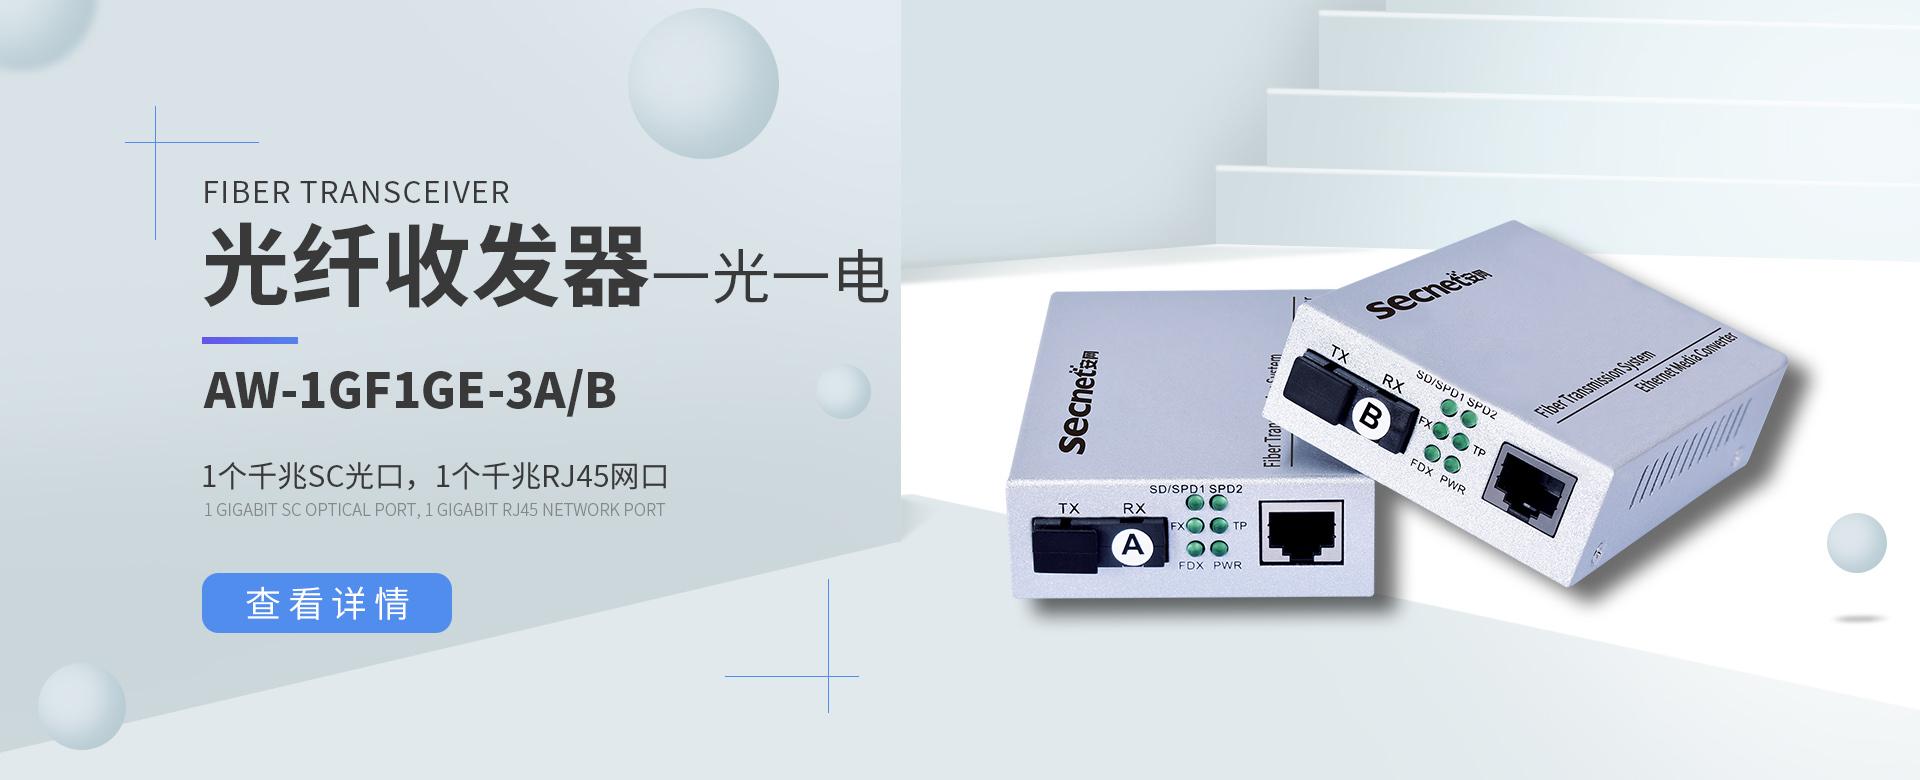 安网科技-构建绿色安全网络|智能L7层QoS|可视化行为管理|智慧WIFI|无线大功率覆盖|企业专用|网吧专用|酒店专用|出租房专用|酒店无线覆盖专用AP|不限速的路由器